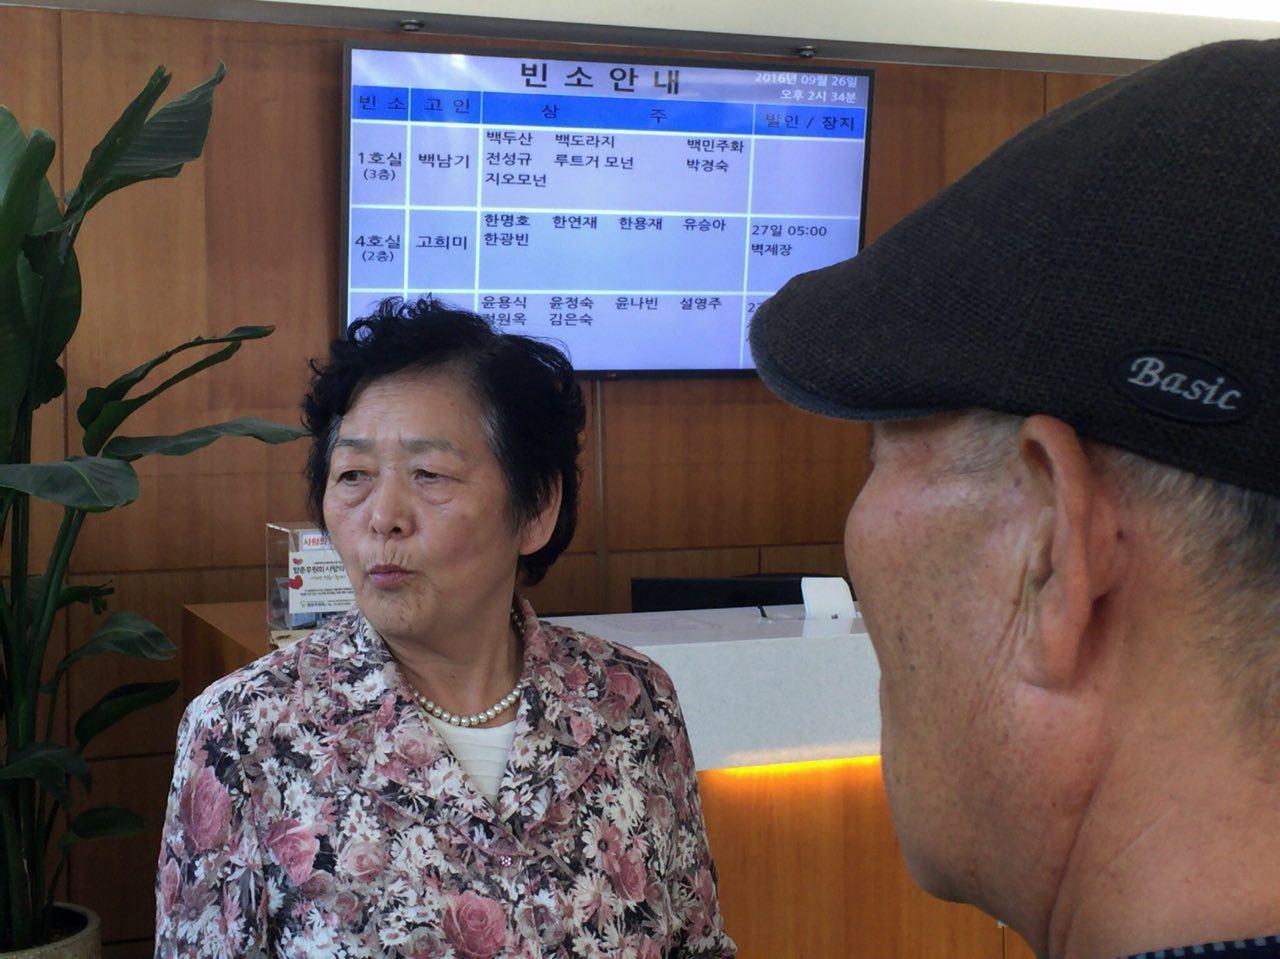 2016년 가을 백남기 농민 사망시 영안실을 '지금여기에'피해자분들과 백남기 농민 영안실을 방문했던 김순자 씨. 사회활동을 위해 분주히 뛰어다닌다.